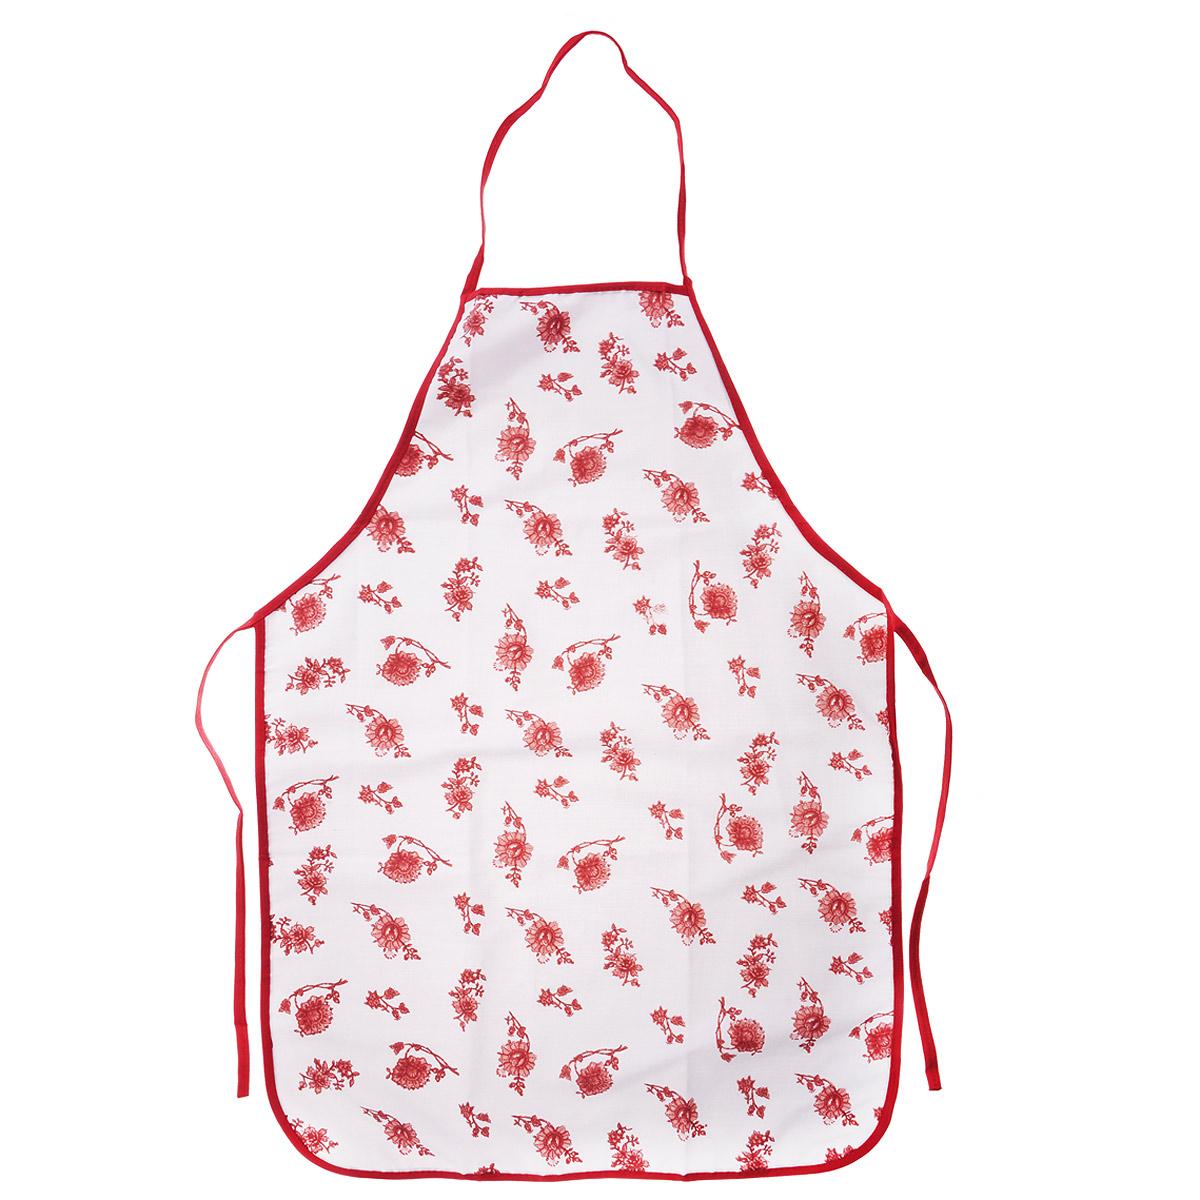 Фартук Коралл, цвет: белый, 50 см х 74 см. 791982791982Фартук Коралл станет незаменимым аксессуаром на вашей кухне. Фартук изготовлен из 100% хлопка, приятный и мягкий на ощупь. Фартук Коралл - отличный вариант для практичной и современной хозяйки. Размер фартука: 50 см х 74 см.